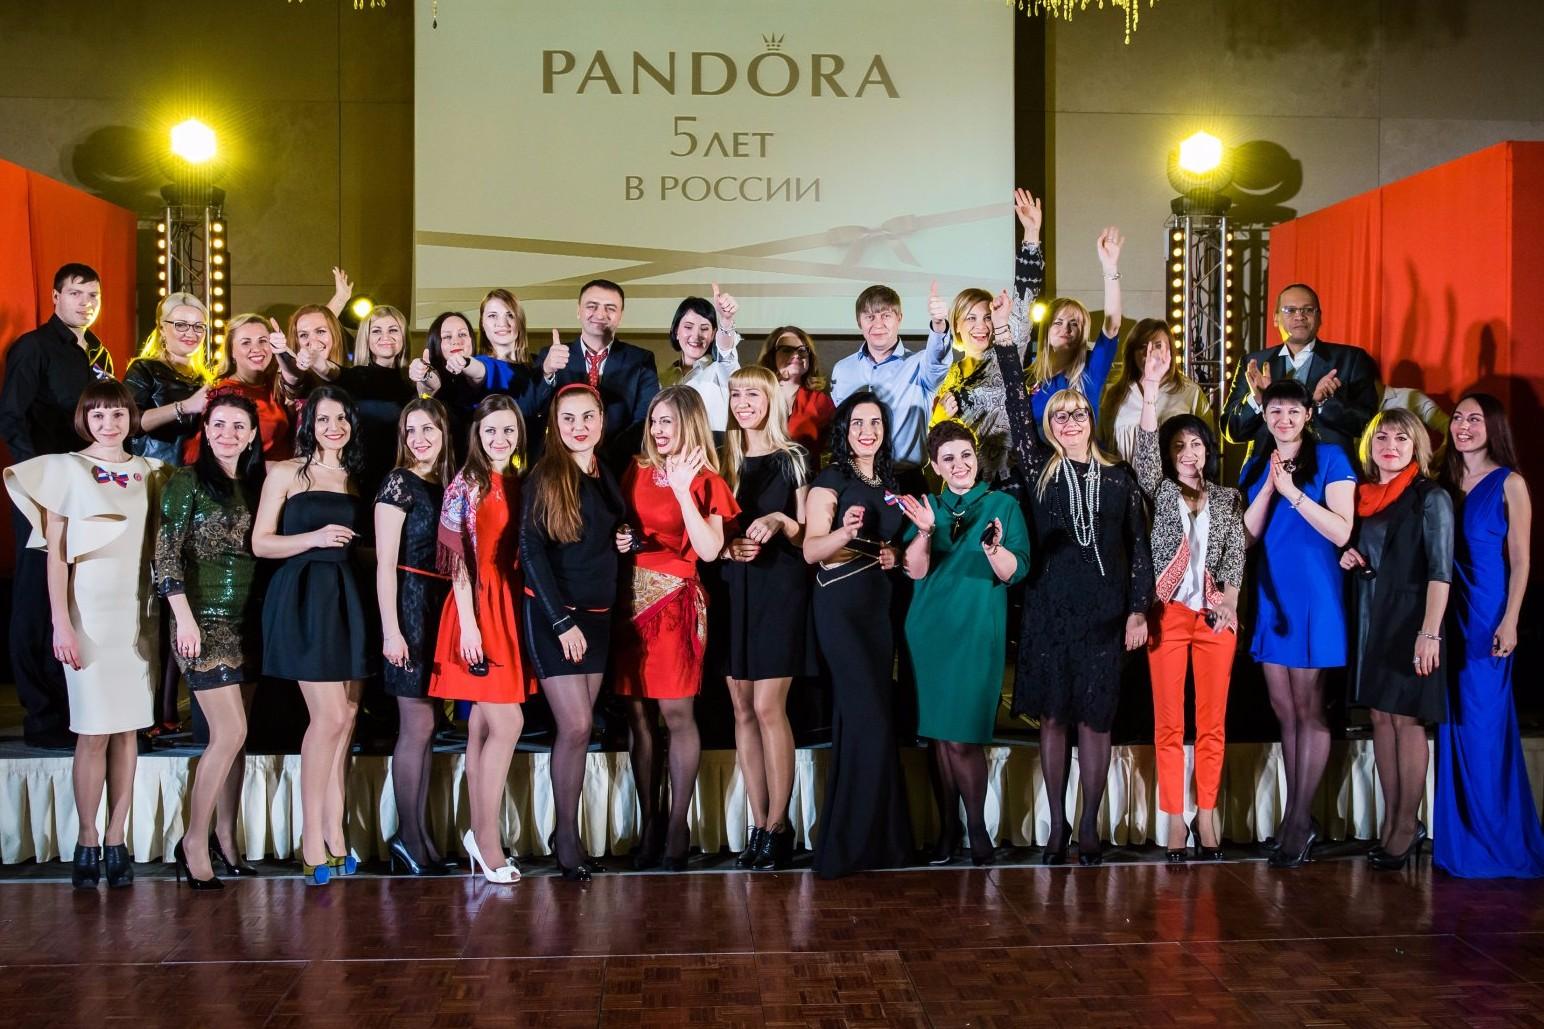 История PANDORA в России